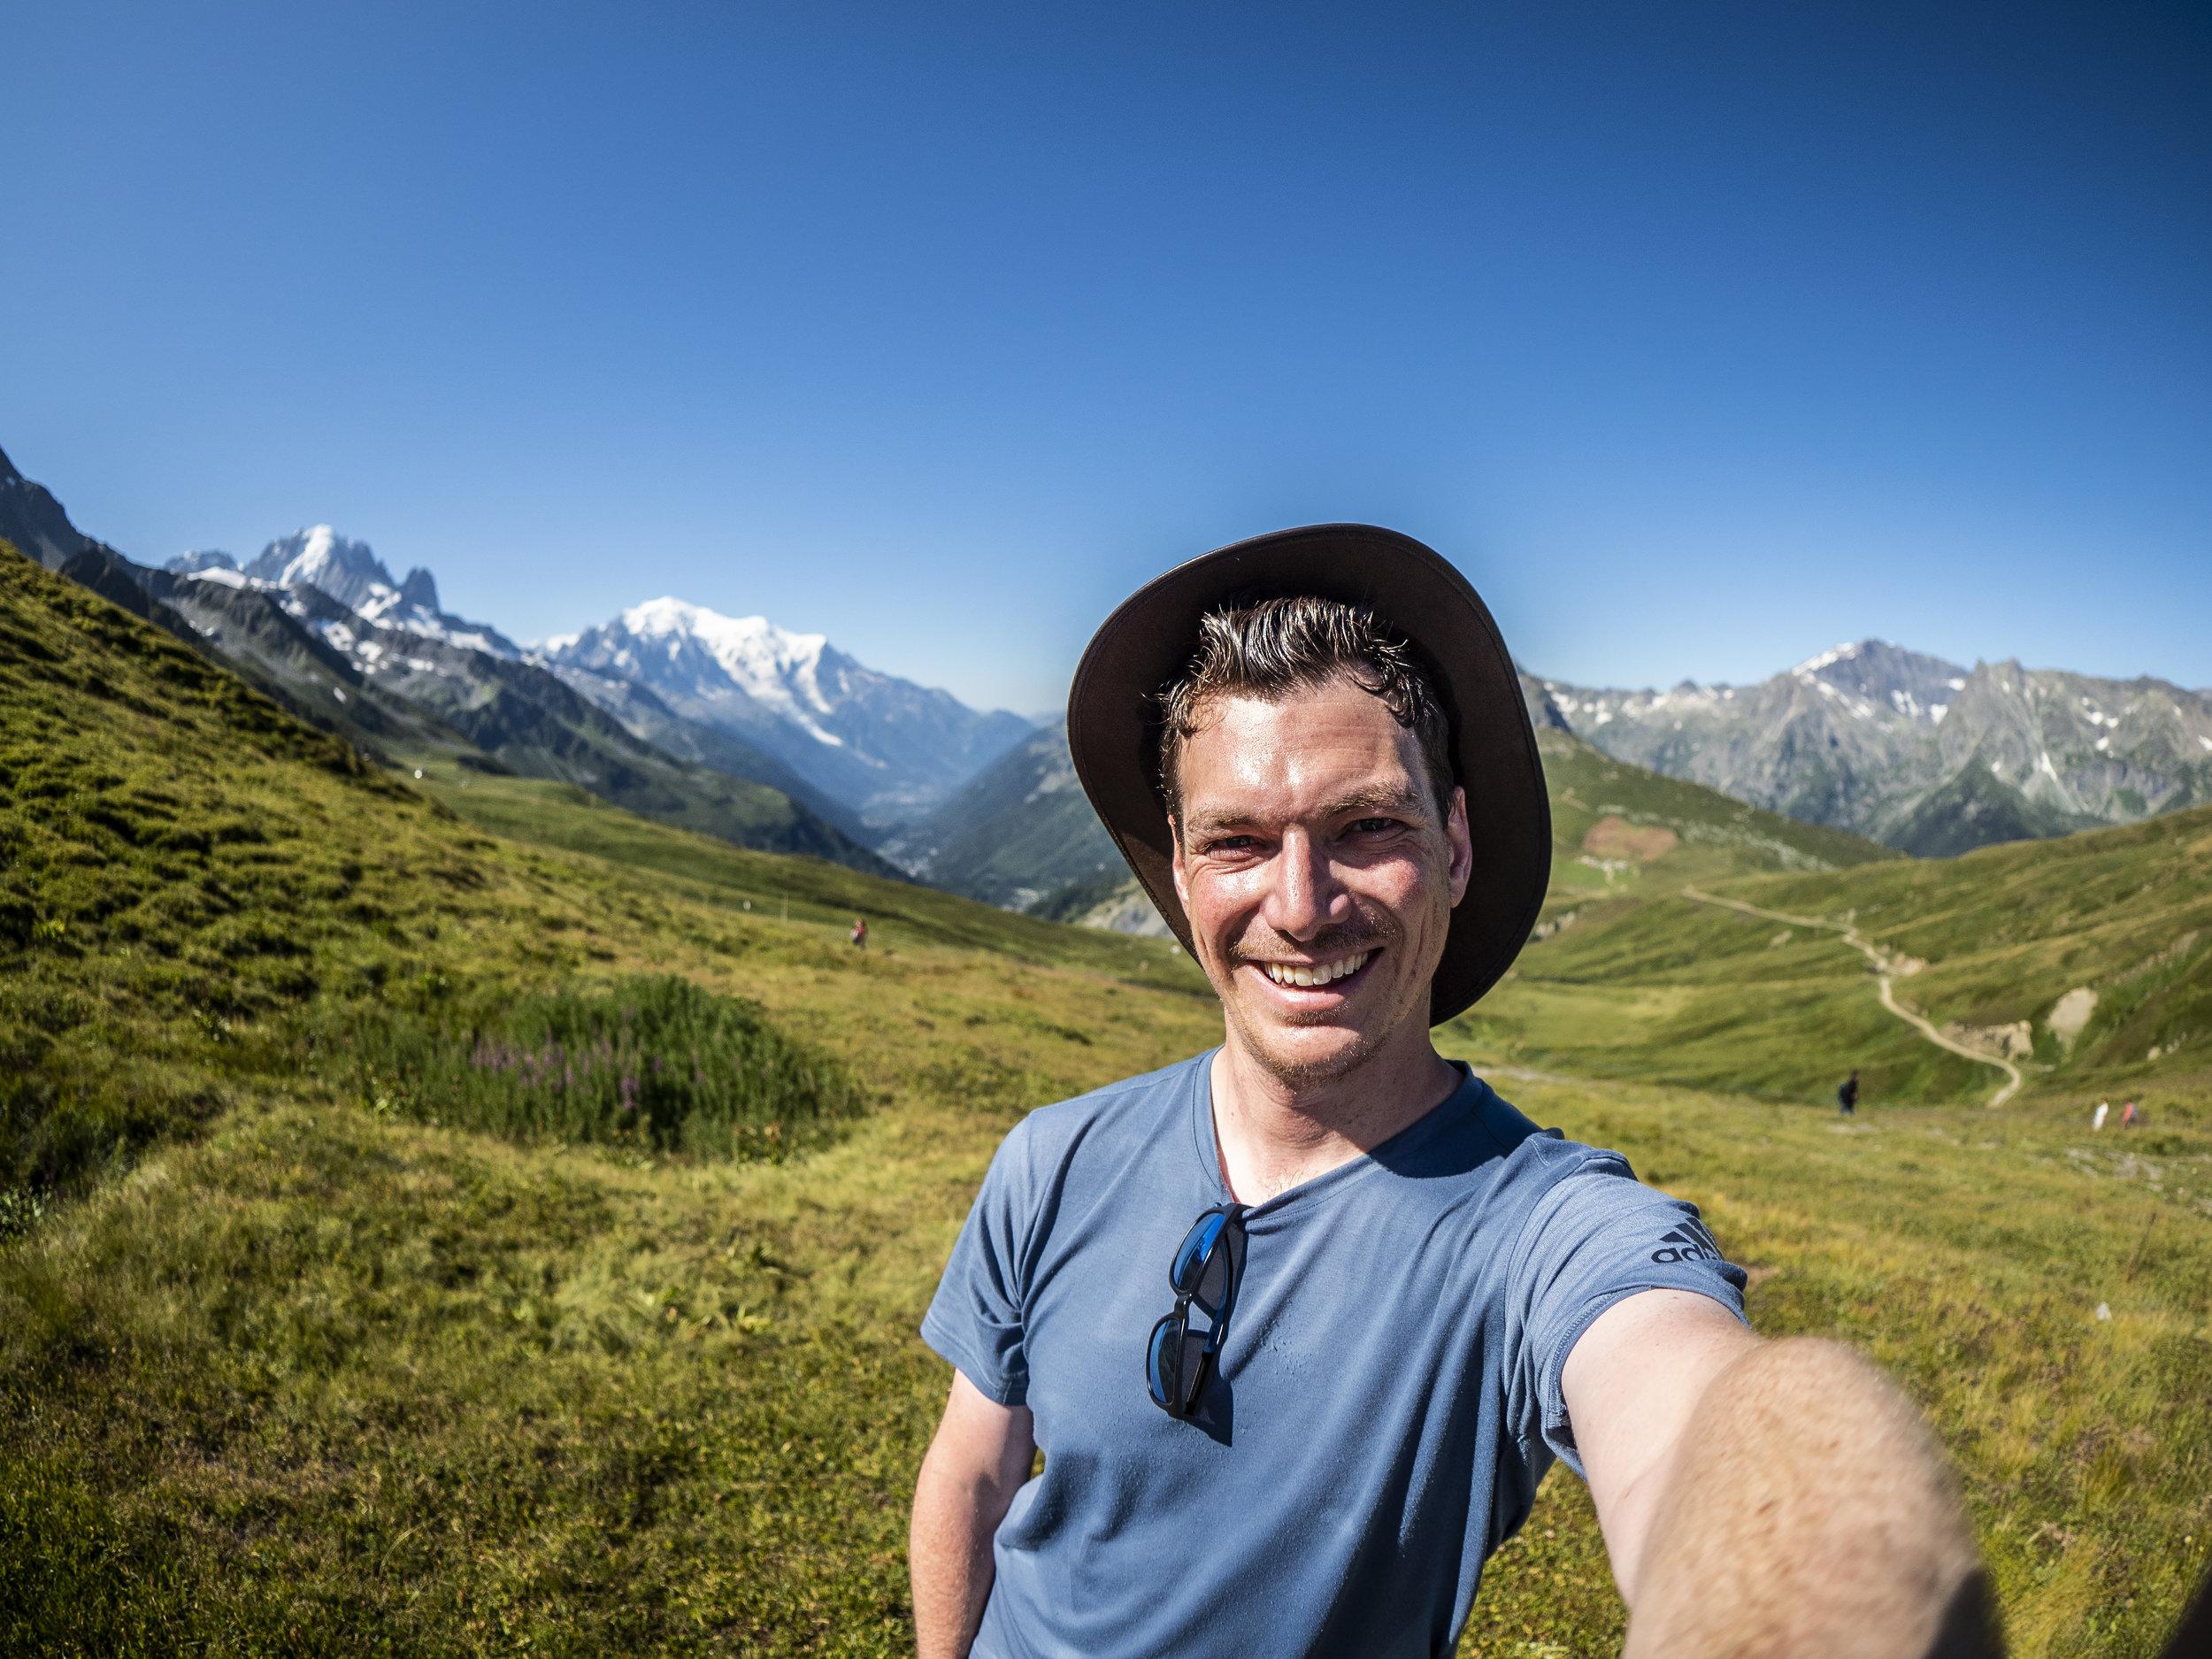 A self portrait taken at Mont Blanc.